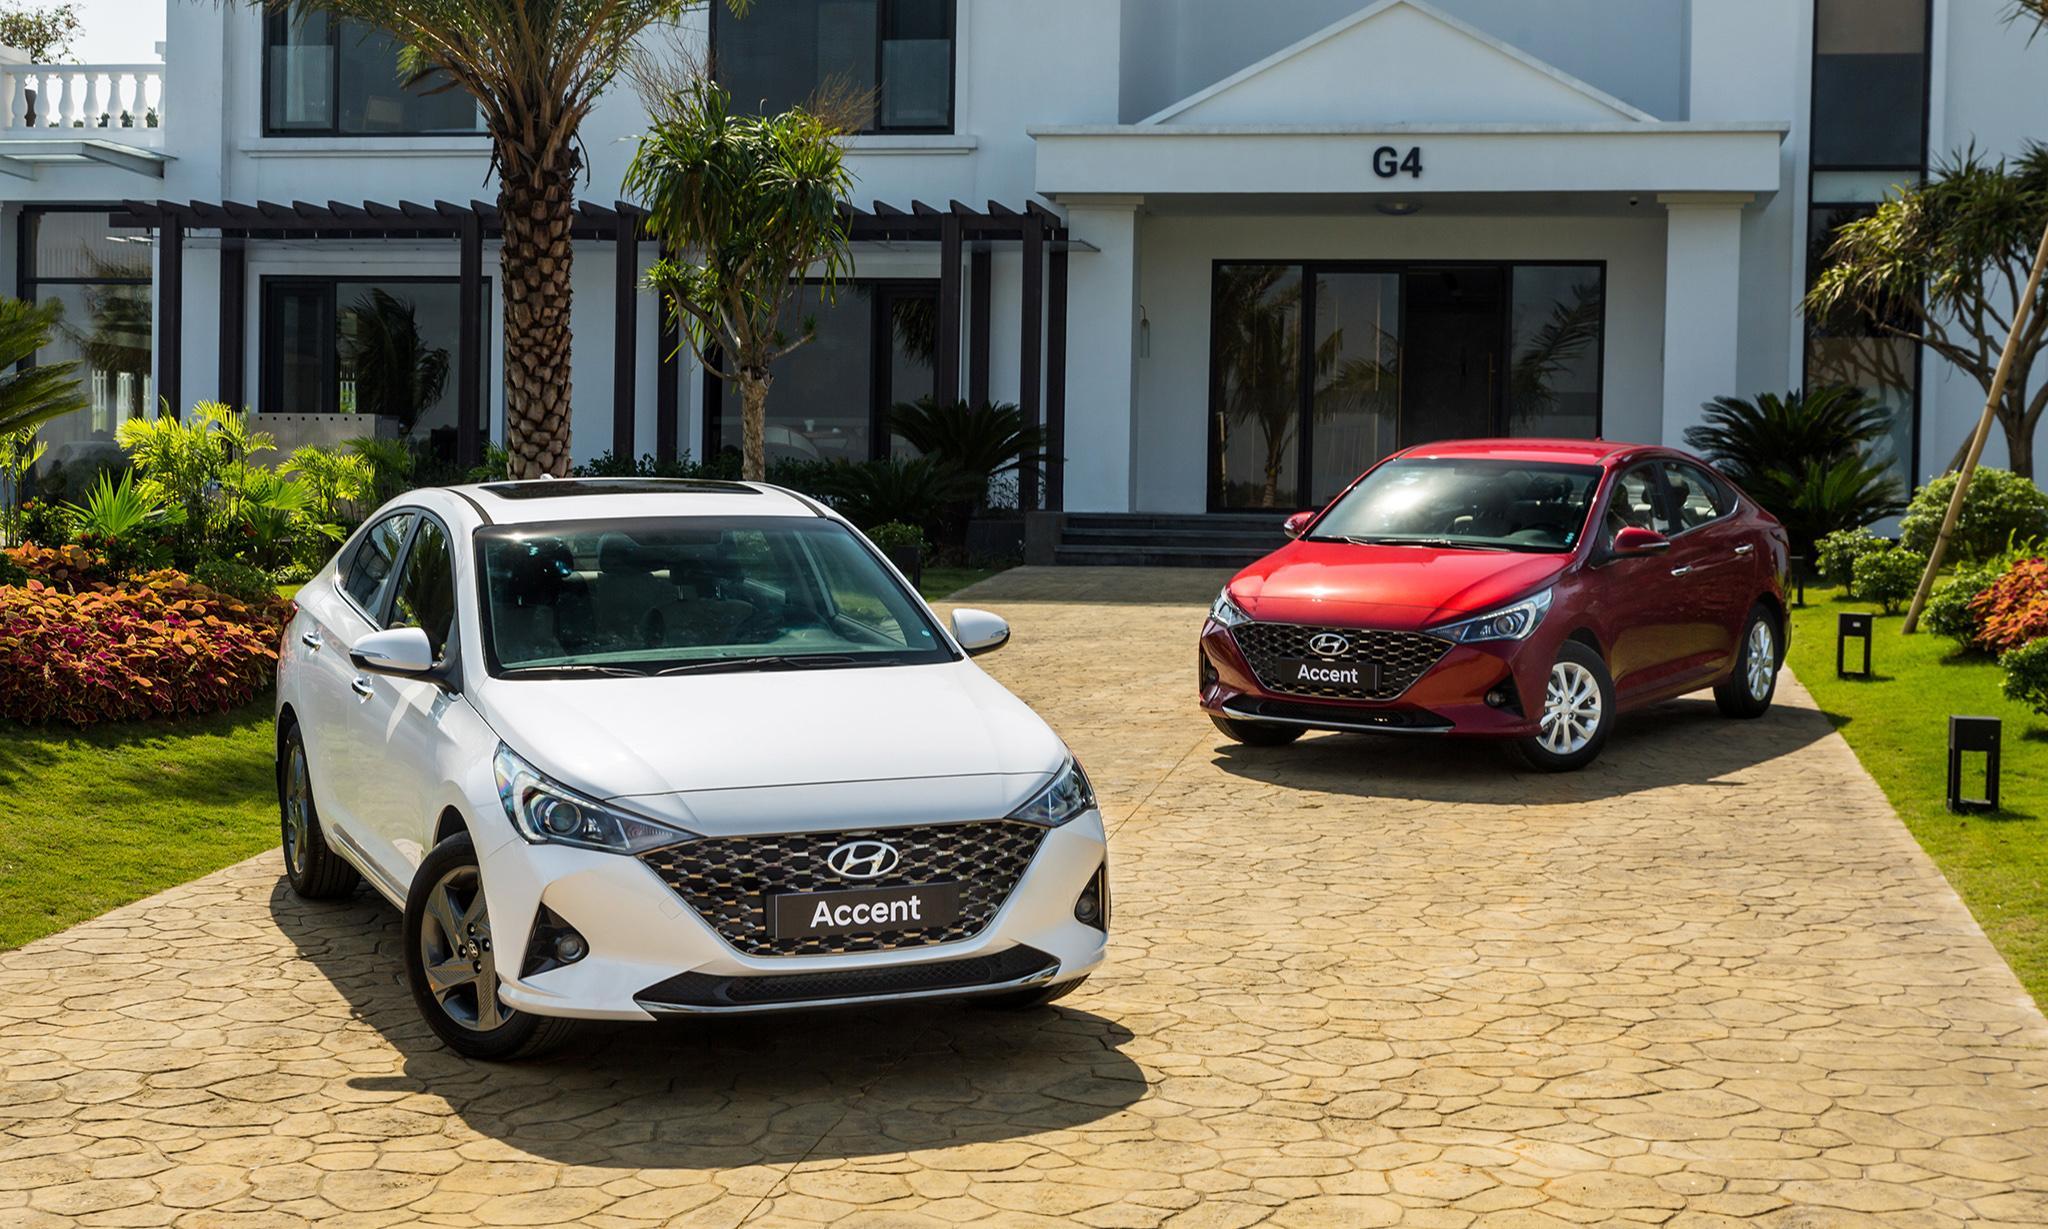 Bảng giá xe Hyundai tháng 7: Hyundai Accent rẻ nhất từ 426 triệu đồng